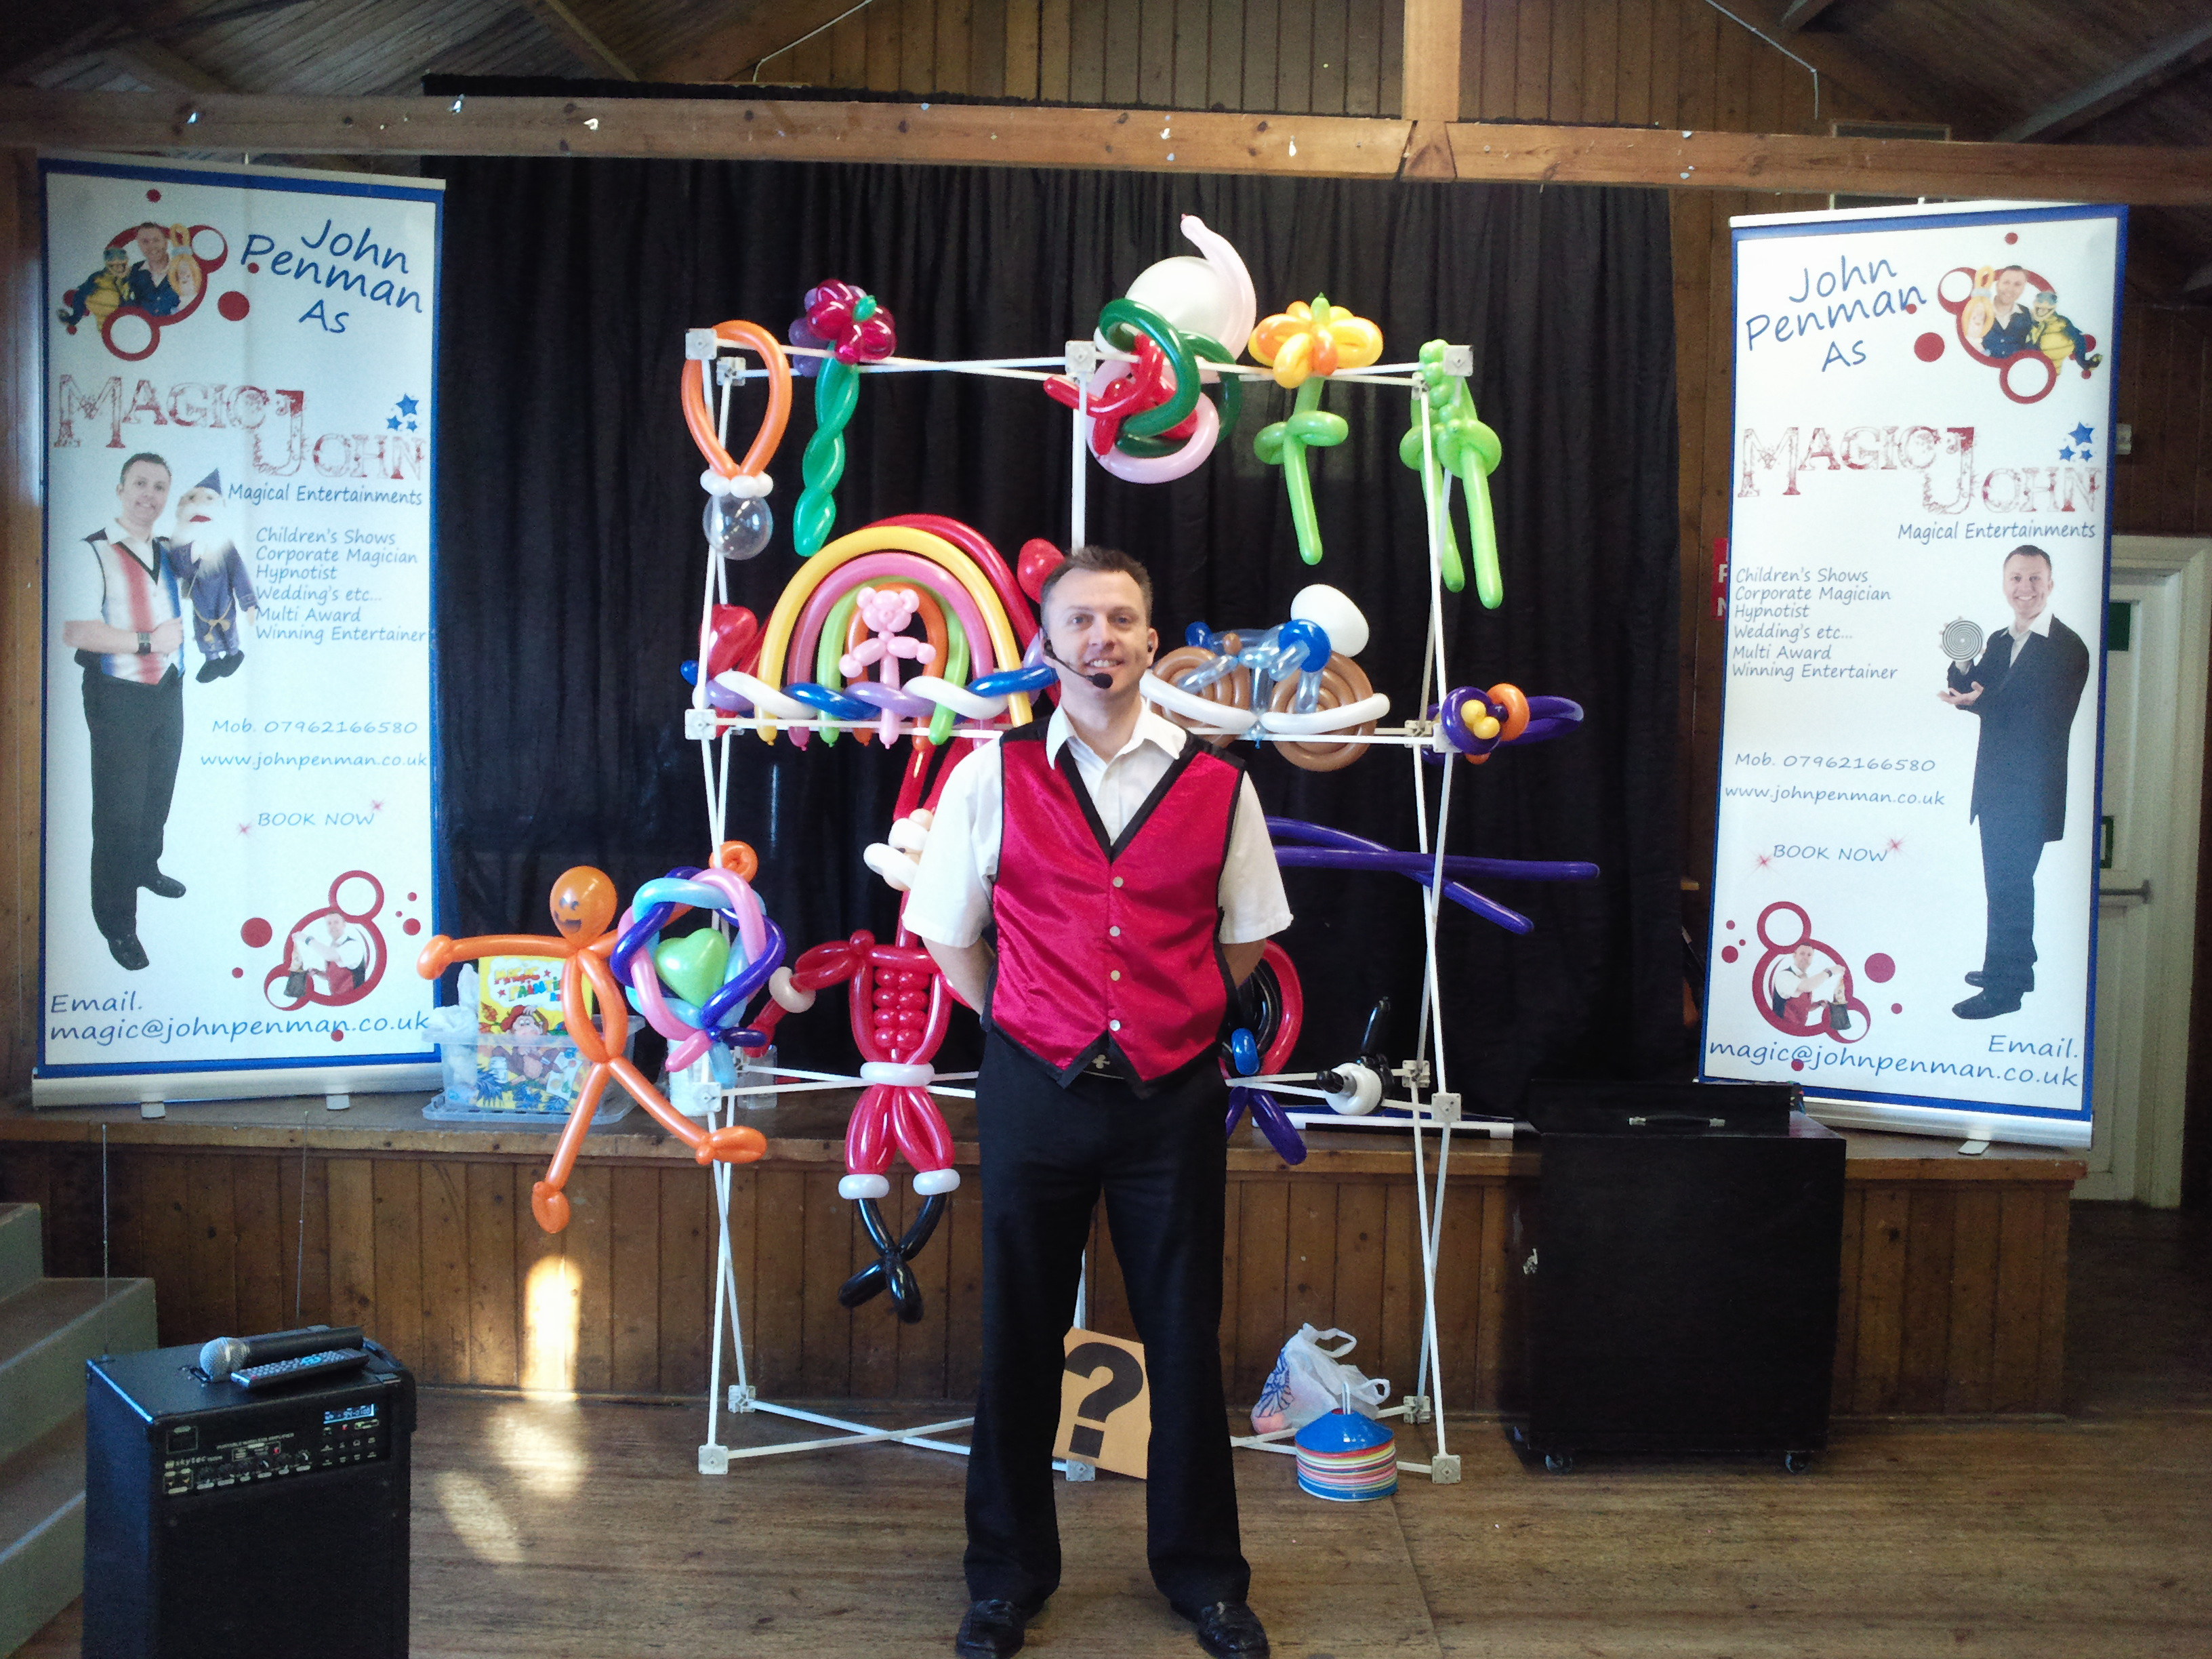 John Penman - Show Balloons